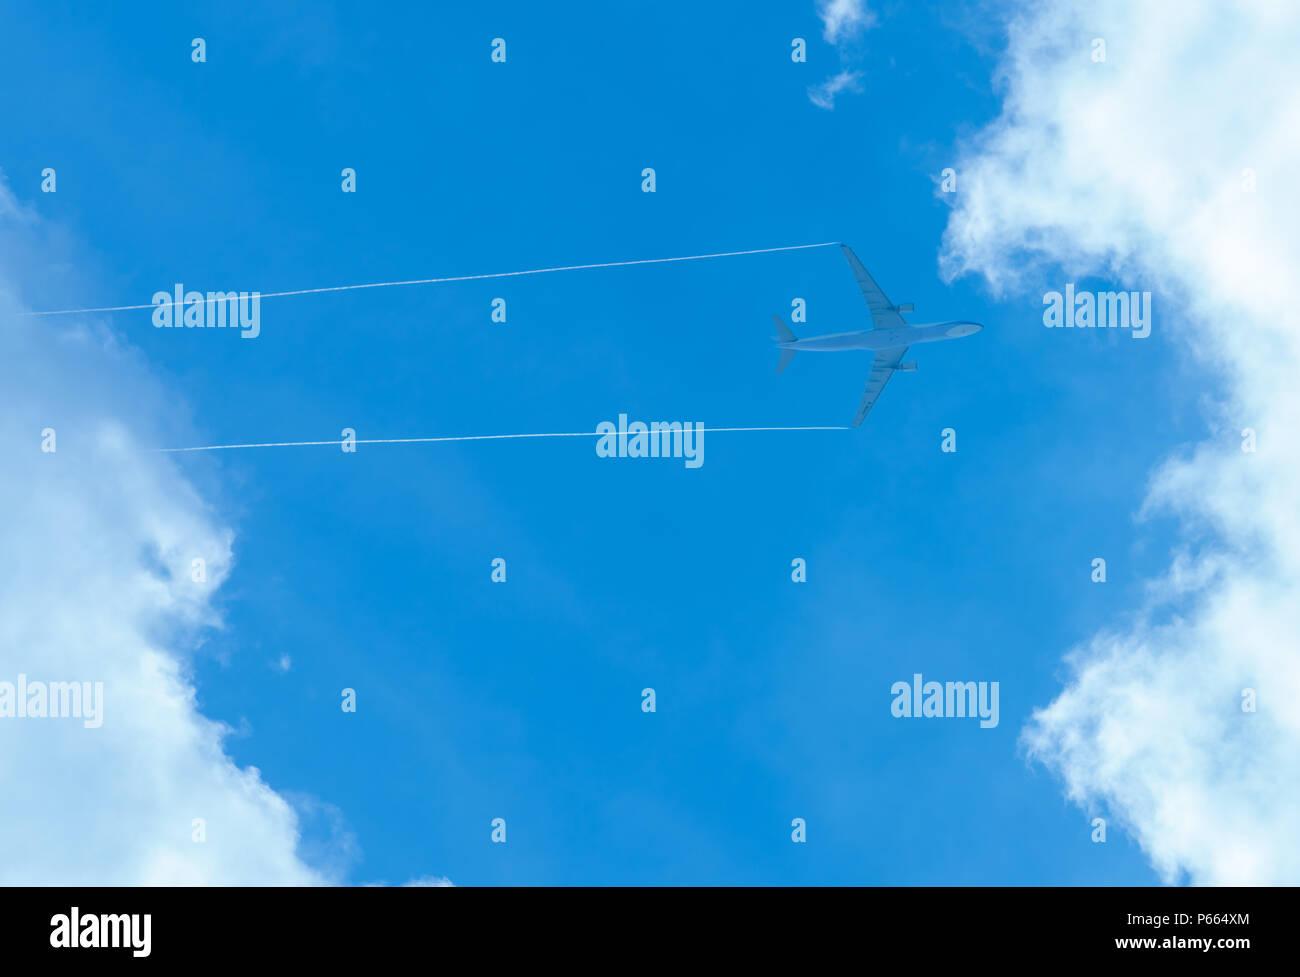 Flugzeug auf blauen Himmel und weißen Wolken. Kommerzielle Fluglinie fliegen auf blauen Himmel. Reise Flug für den Urlaub. Aviation Transport. Stockbild